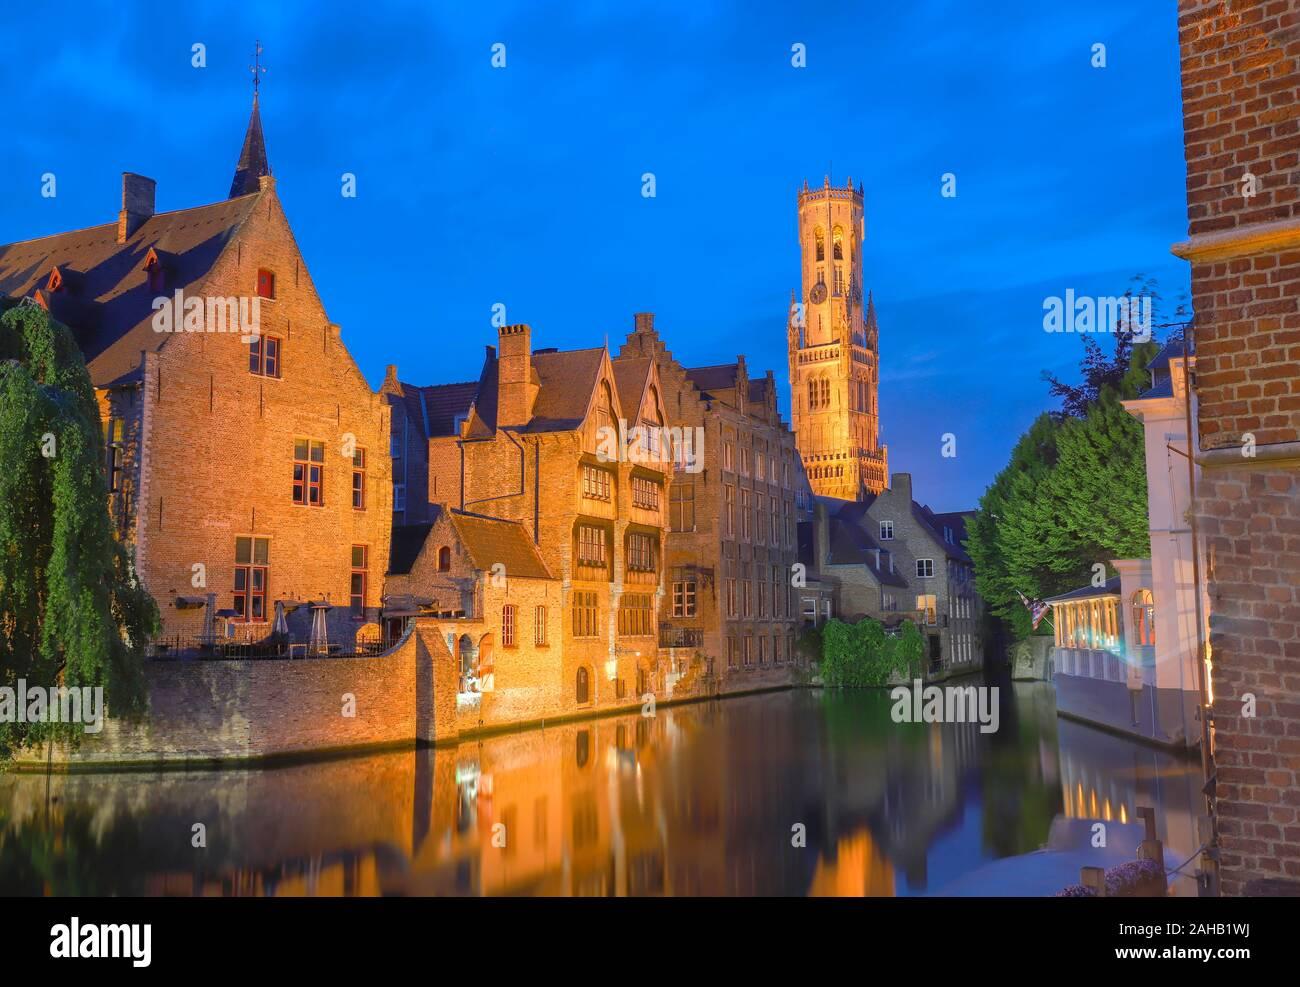 Vista de la famosa atracción turística Brujas histórica - Rozenhoedkaai canal con espadaña y antiguas casas junto al canal con un árbol en la noche. Bélgica Foto de stock